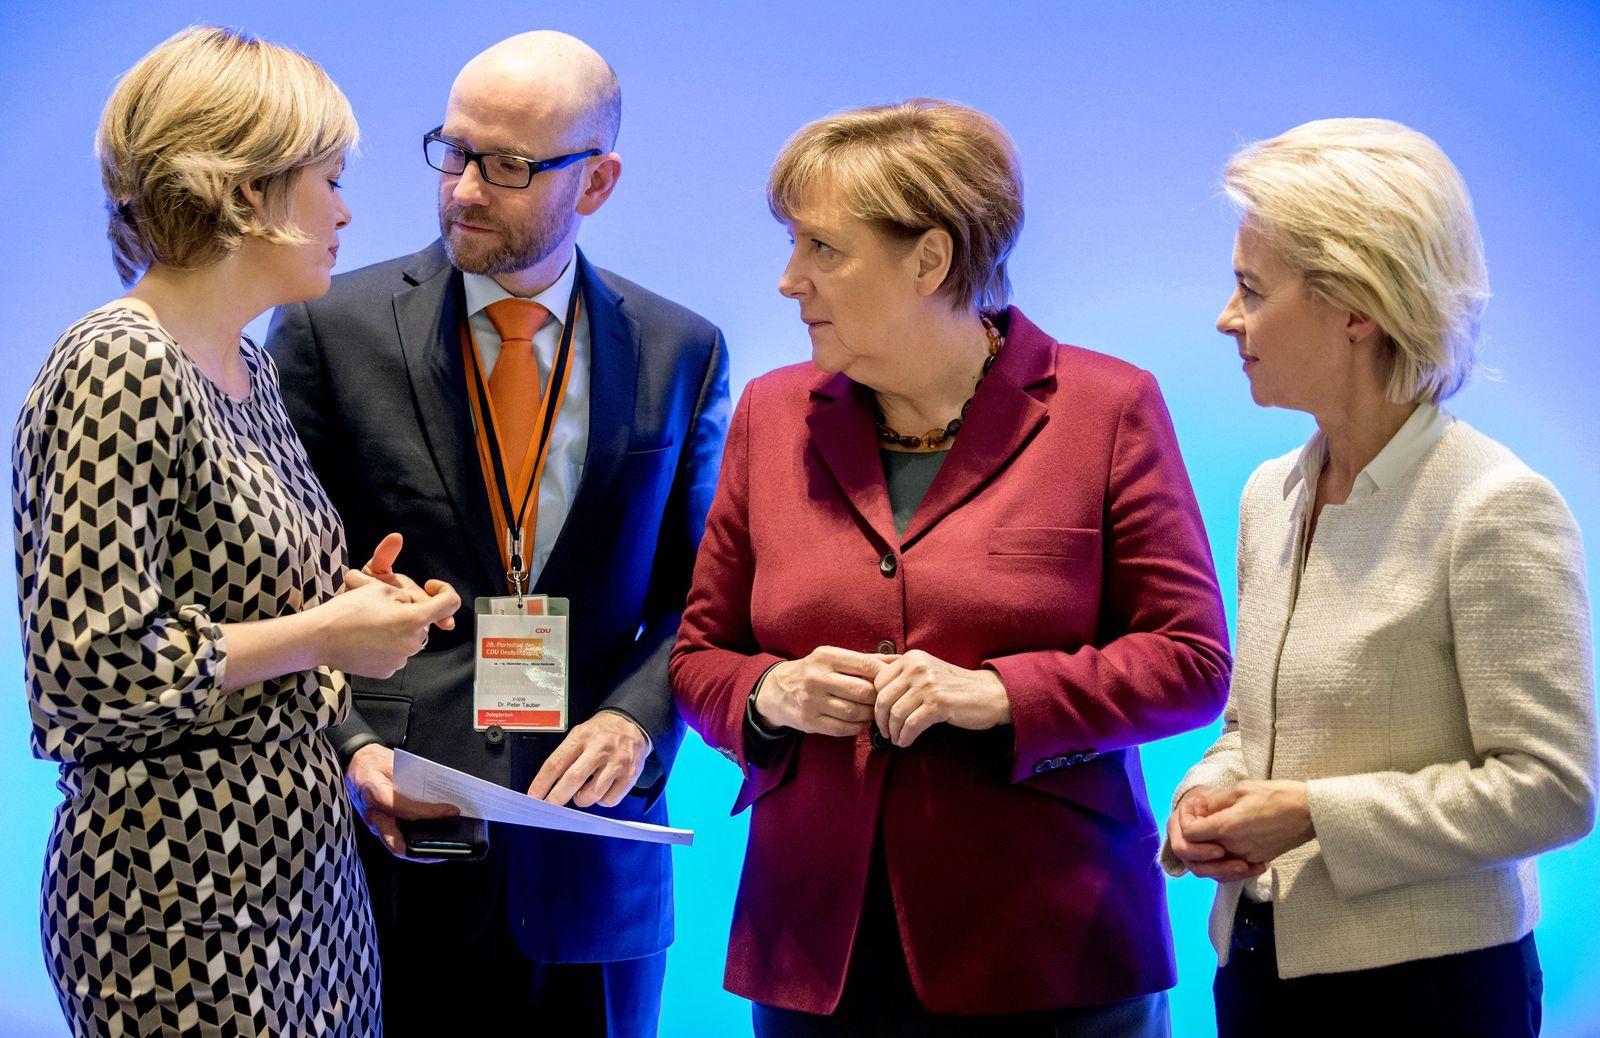 CDU-Bundesparteitag / Merkel